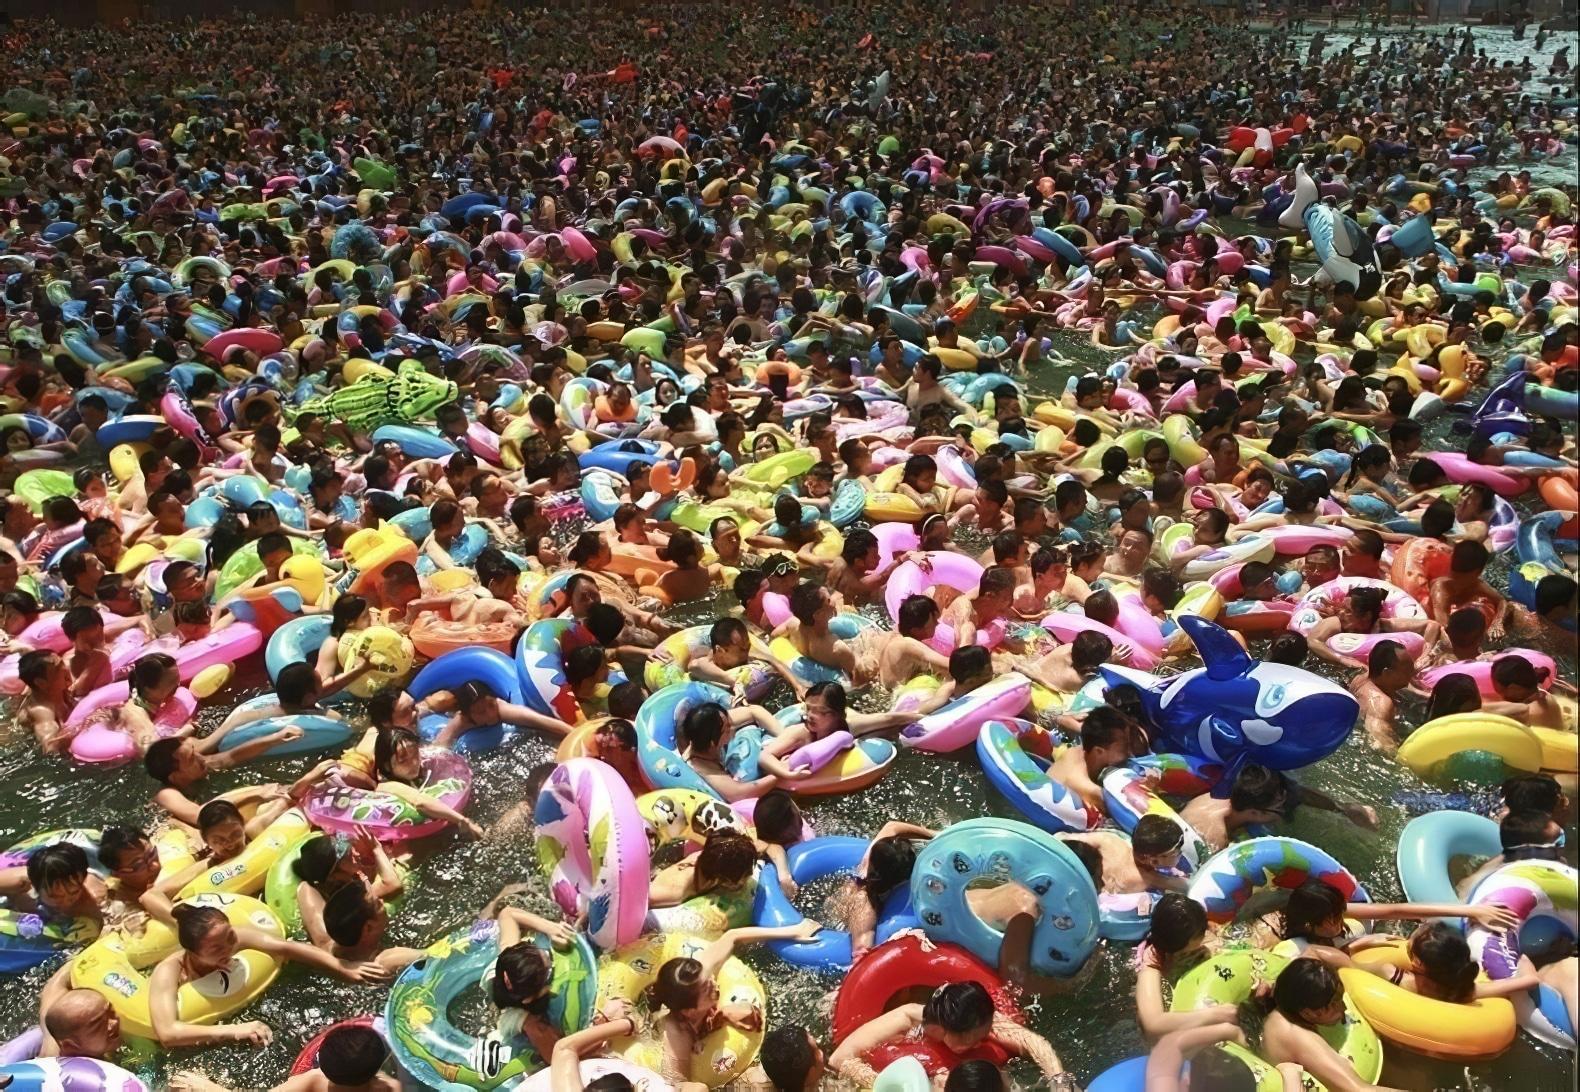 Piscines bondées en Chine, eau sale, trop de baigneurs